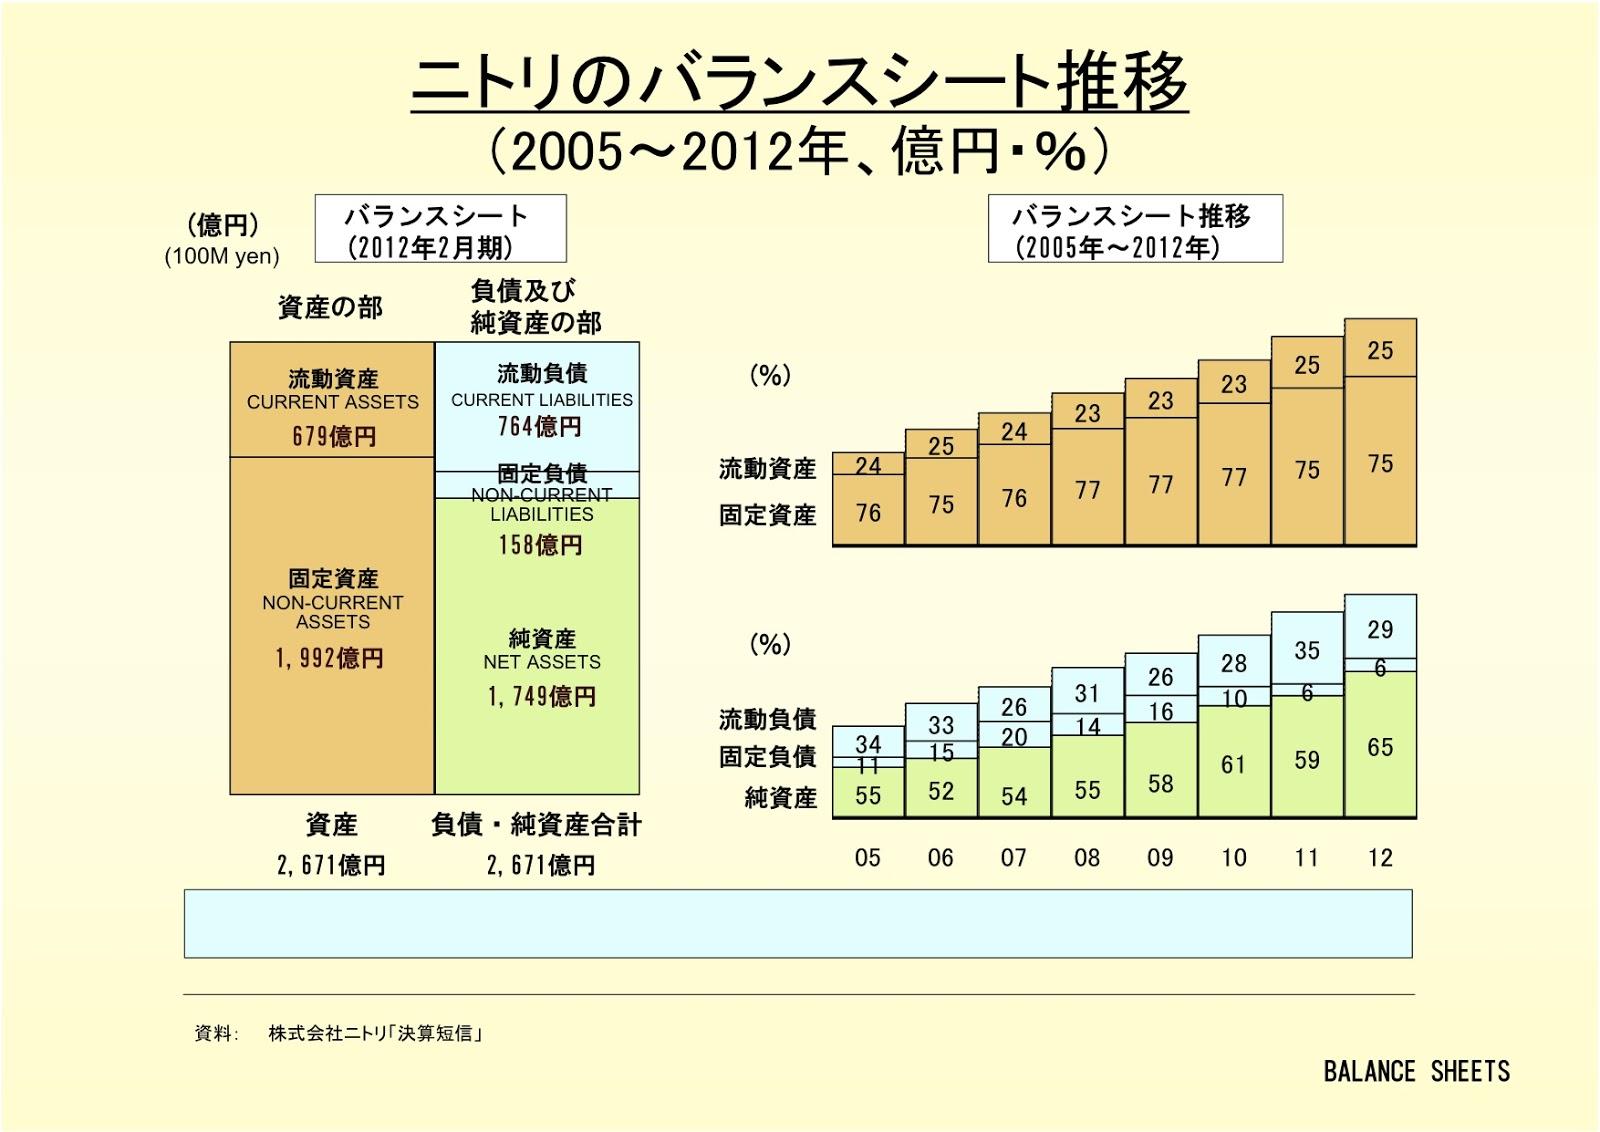 株式会社ニトリのバランスシート推移